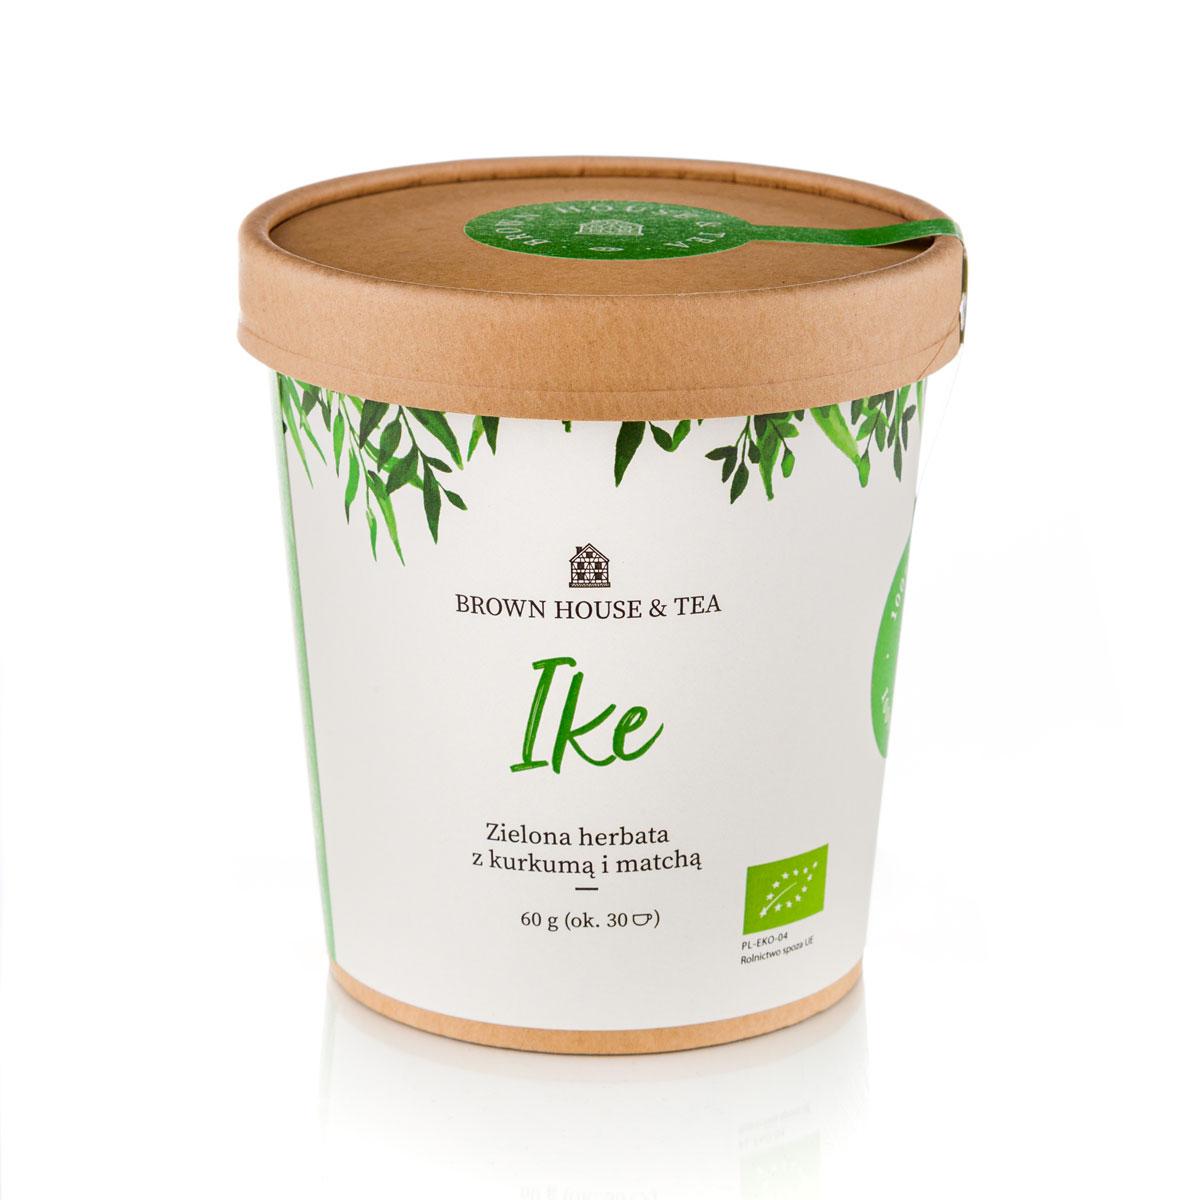 Dopieszczona, organiczna herbata sencha, charakterystyczna dooars i lśniąca, seledynowa matcha to elegancka, spokojna i zrównoważona baza tego blendu. Kochamy zielone herbaty, ale tworząc Ike zapragnęliśmy ten nieco nudny obraz trochę podkręcić. Z pomocą przyszła złocista kurkuma, która wniosła do całości nie tylko swój oryginalny smak, ale też mnóstwo zdrowotnych właściwości. Całości dopełnił pachnący mirt cytrynowy. Ike to blend, dzięki któremu zrozumiesz, jak pachnie i smakuje prawdziwa zielona herbata. Dodatki tylko podnoszą ten smak, dodając całej kompozycji głębi i rzucając na nią nowe światło. Delikatna, aromatyczna, wyrazista – ma smak, którego nie da się pomylić z żadnym z innych. Zaparz swoją Ike zamiast porannej kawy, a zrozumiesz, co mieliśmy na myśli, gdy ją tworzyliśmy. Zielona herbata jest nie od dzisiaj znana ze swoich właściwości zdrowotnych. Niesamowite bogactwo polifenoli, jednych z najsilniejszych antyutleniaczy, mamy tutaj w uderzeniowej dawce, bo zarówno popularna